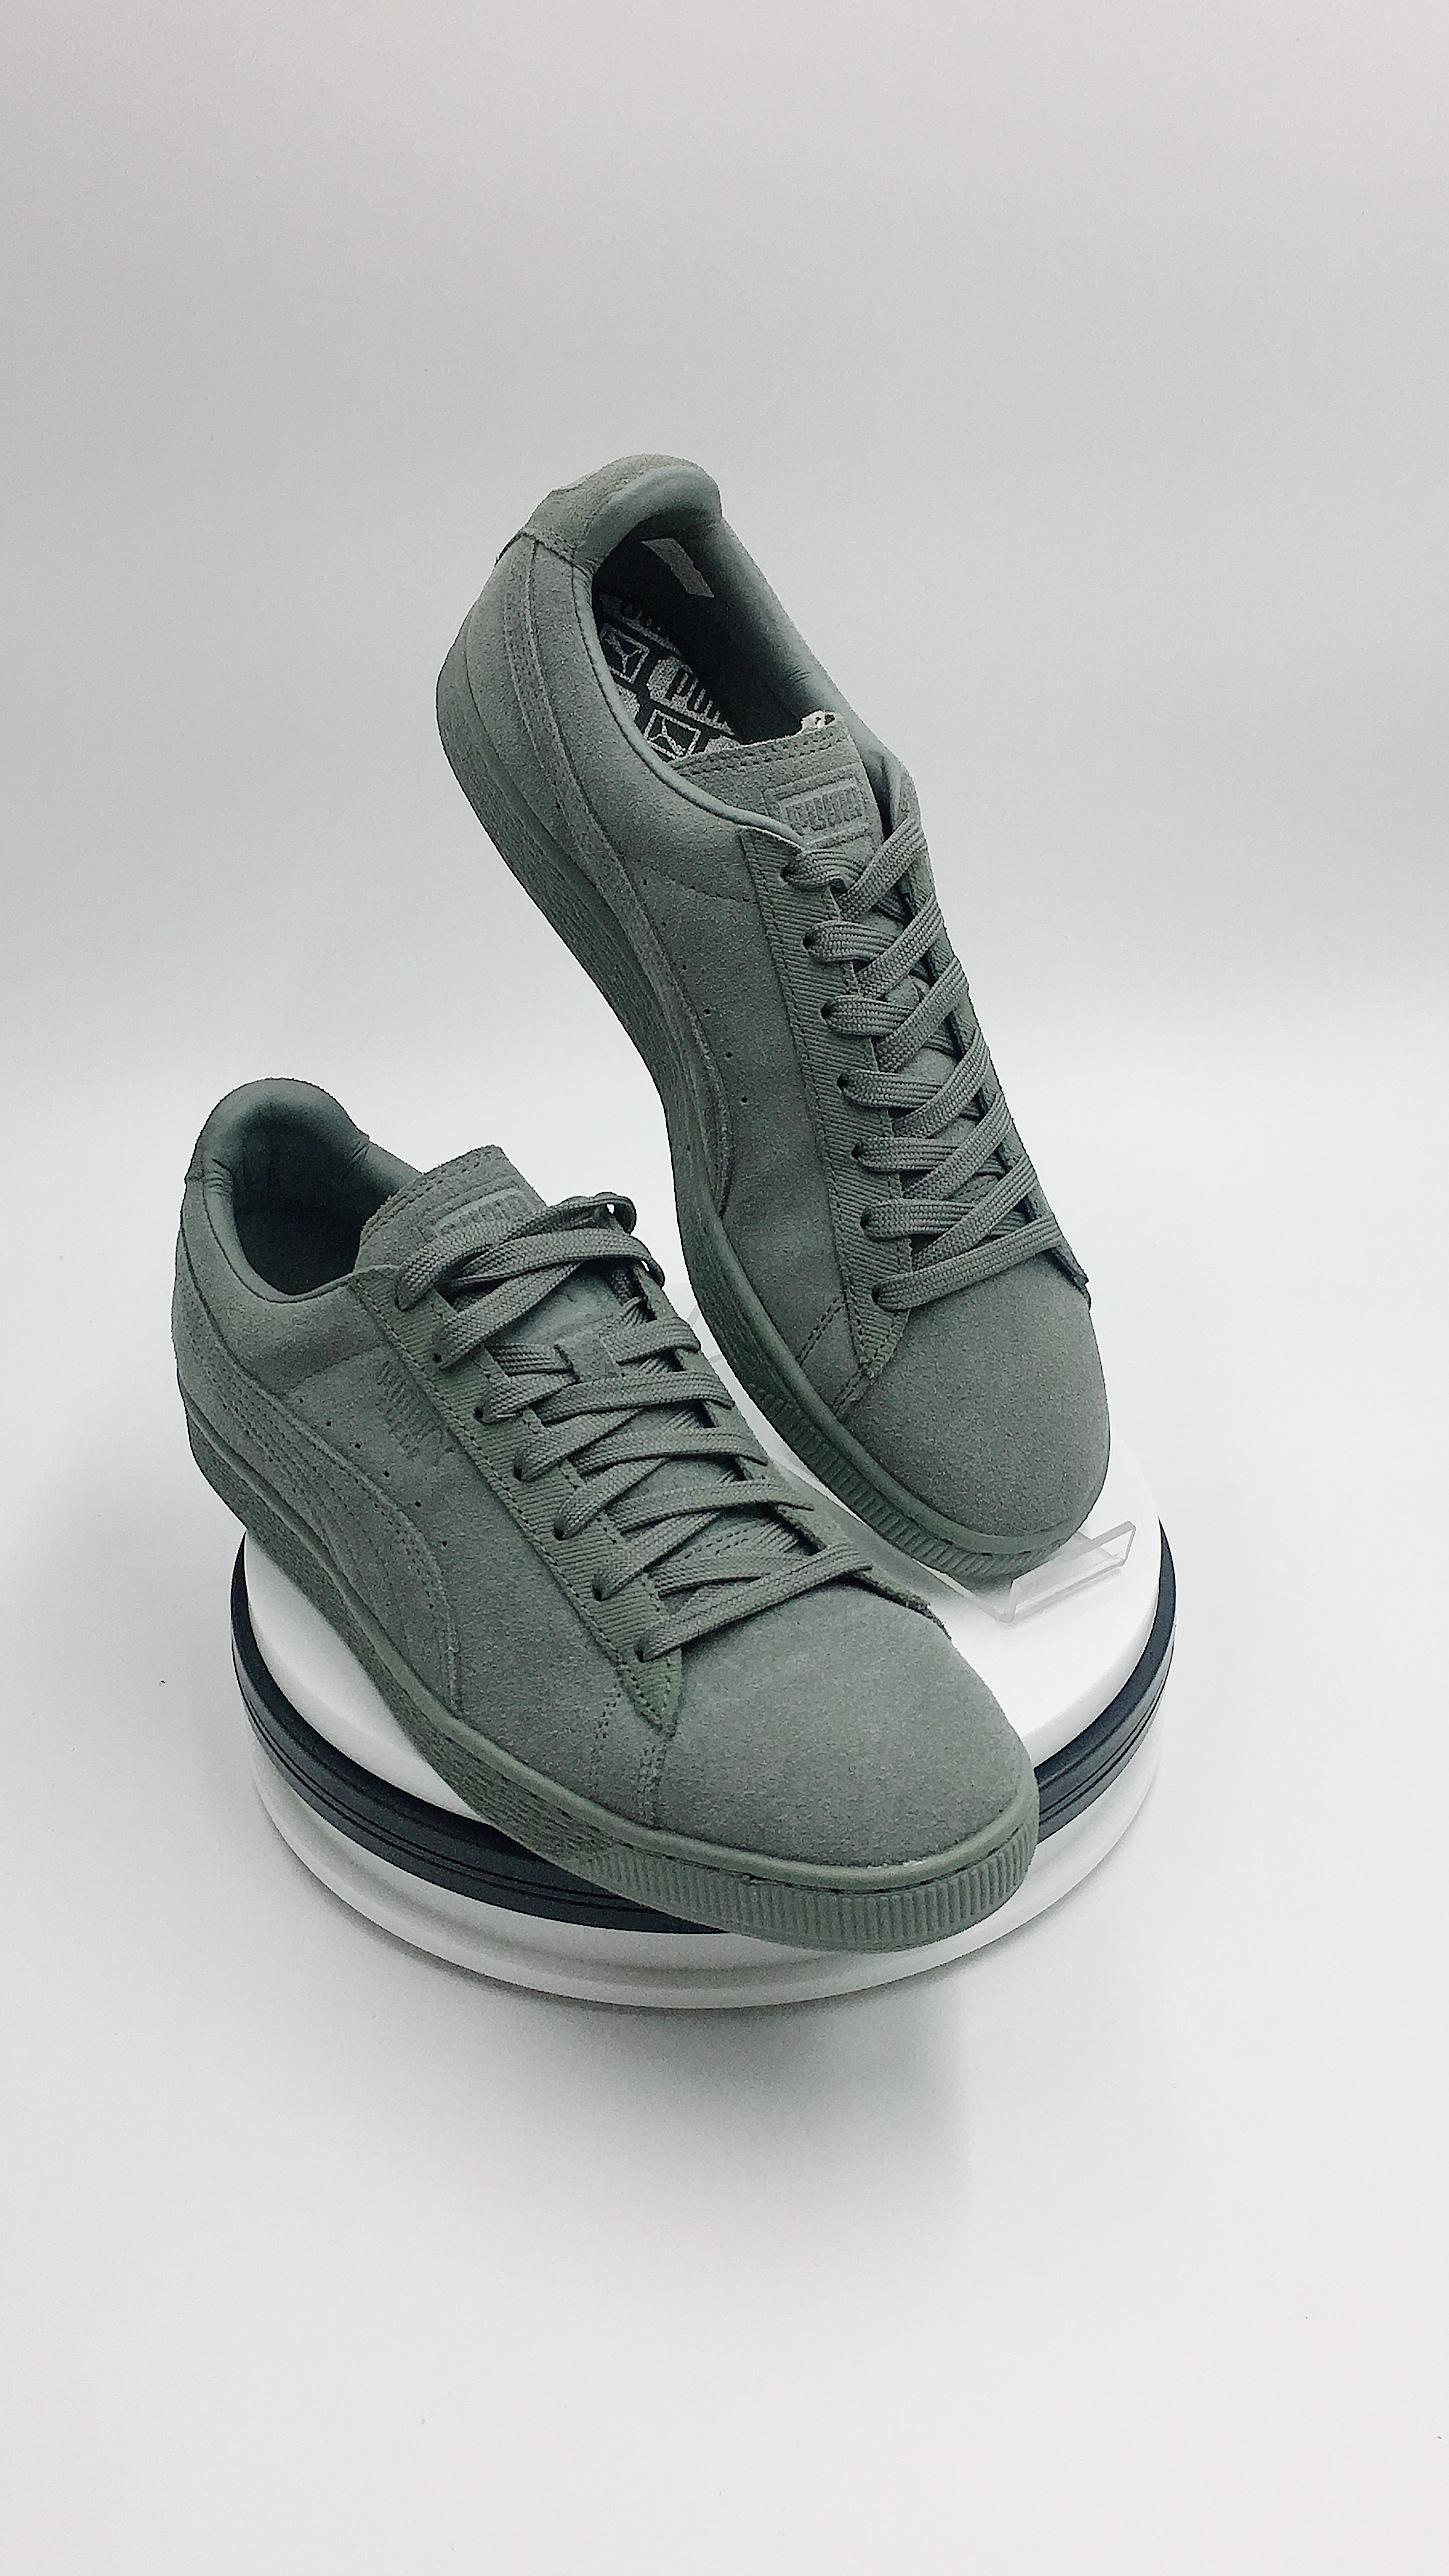 Mã Ưu Đãi Khi Mua GMSTORE - Giày Sneaker PUMA Nam